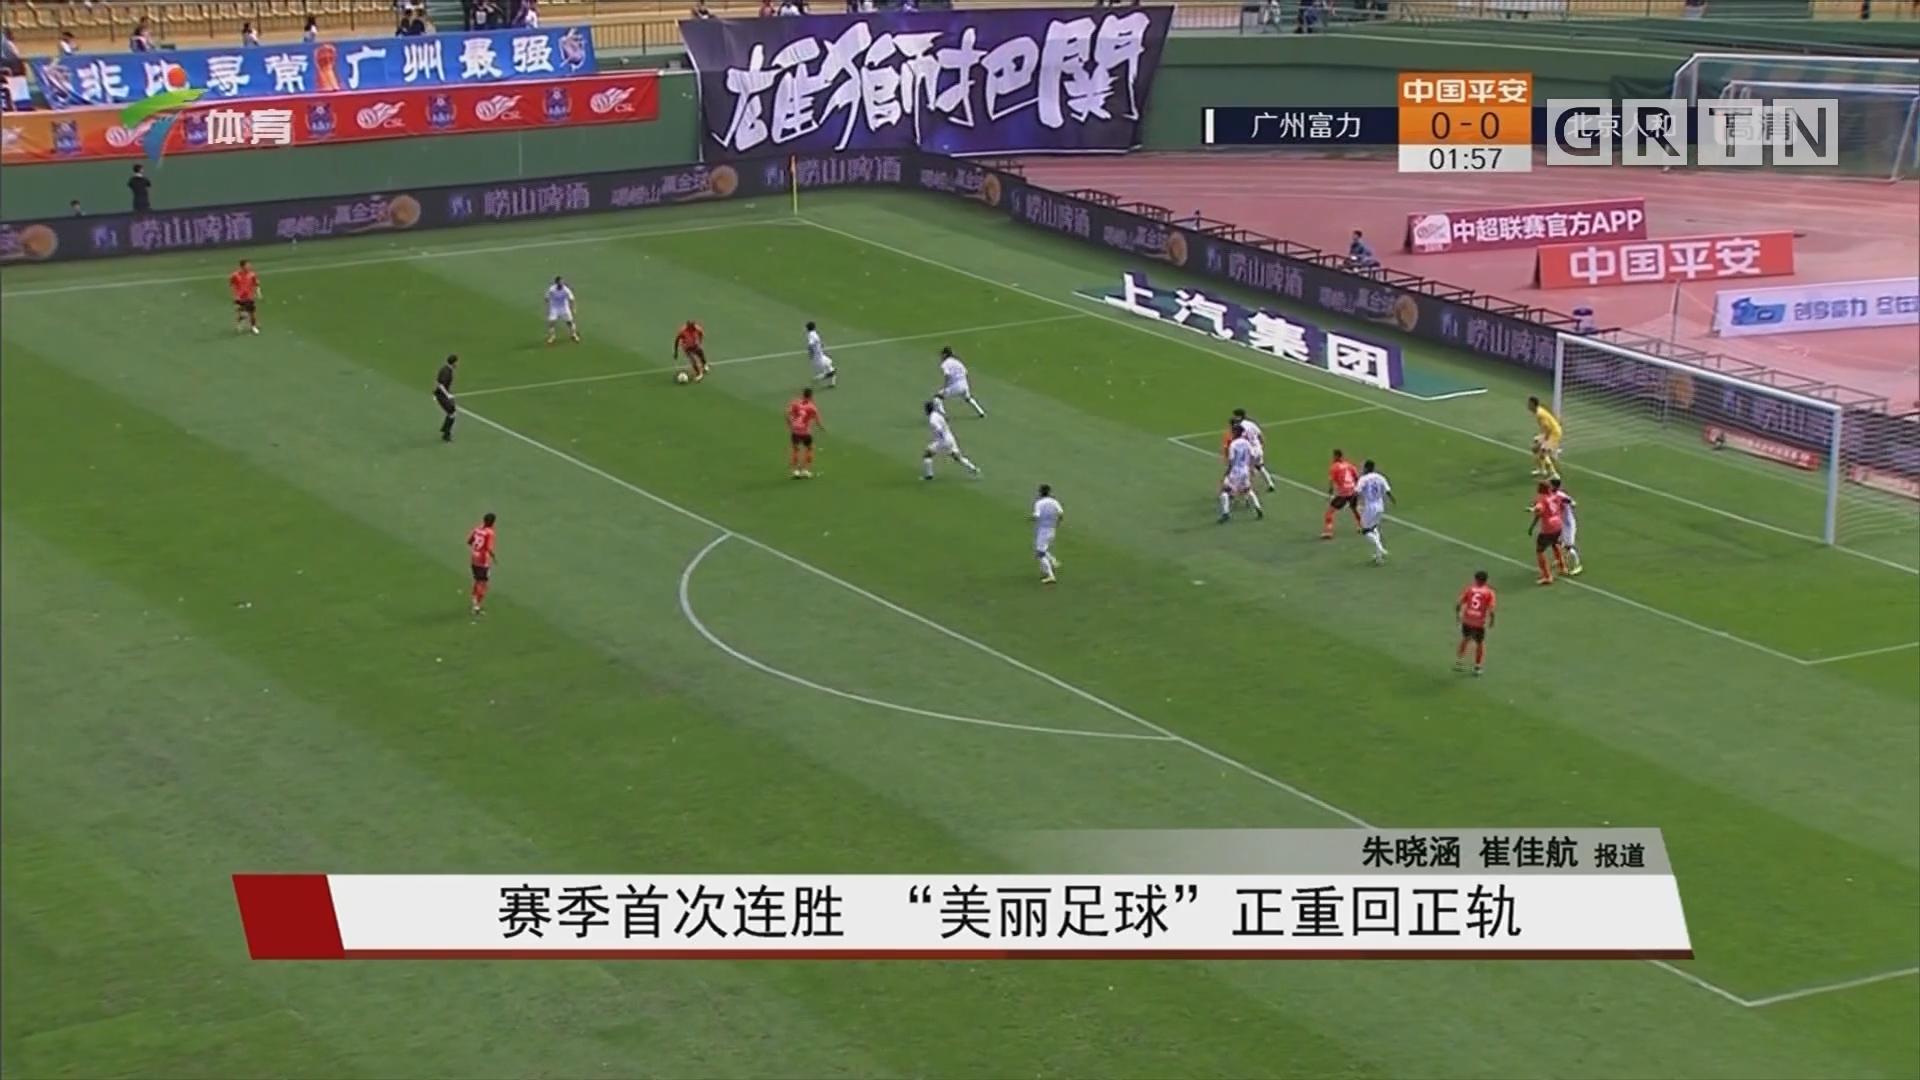 """赛季首次连胜 """"美丽足球"""" 正重回正轨"""